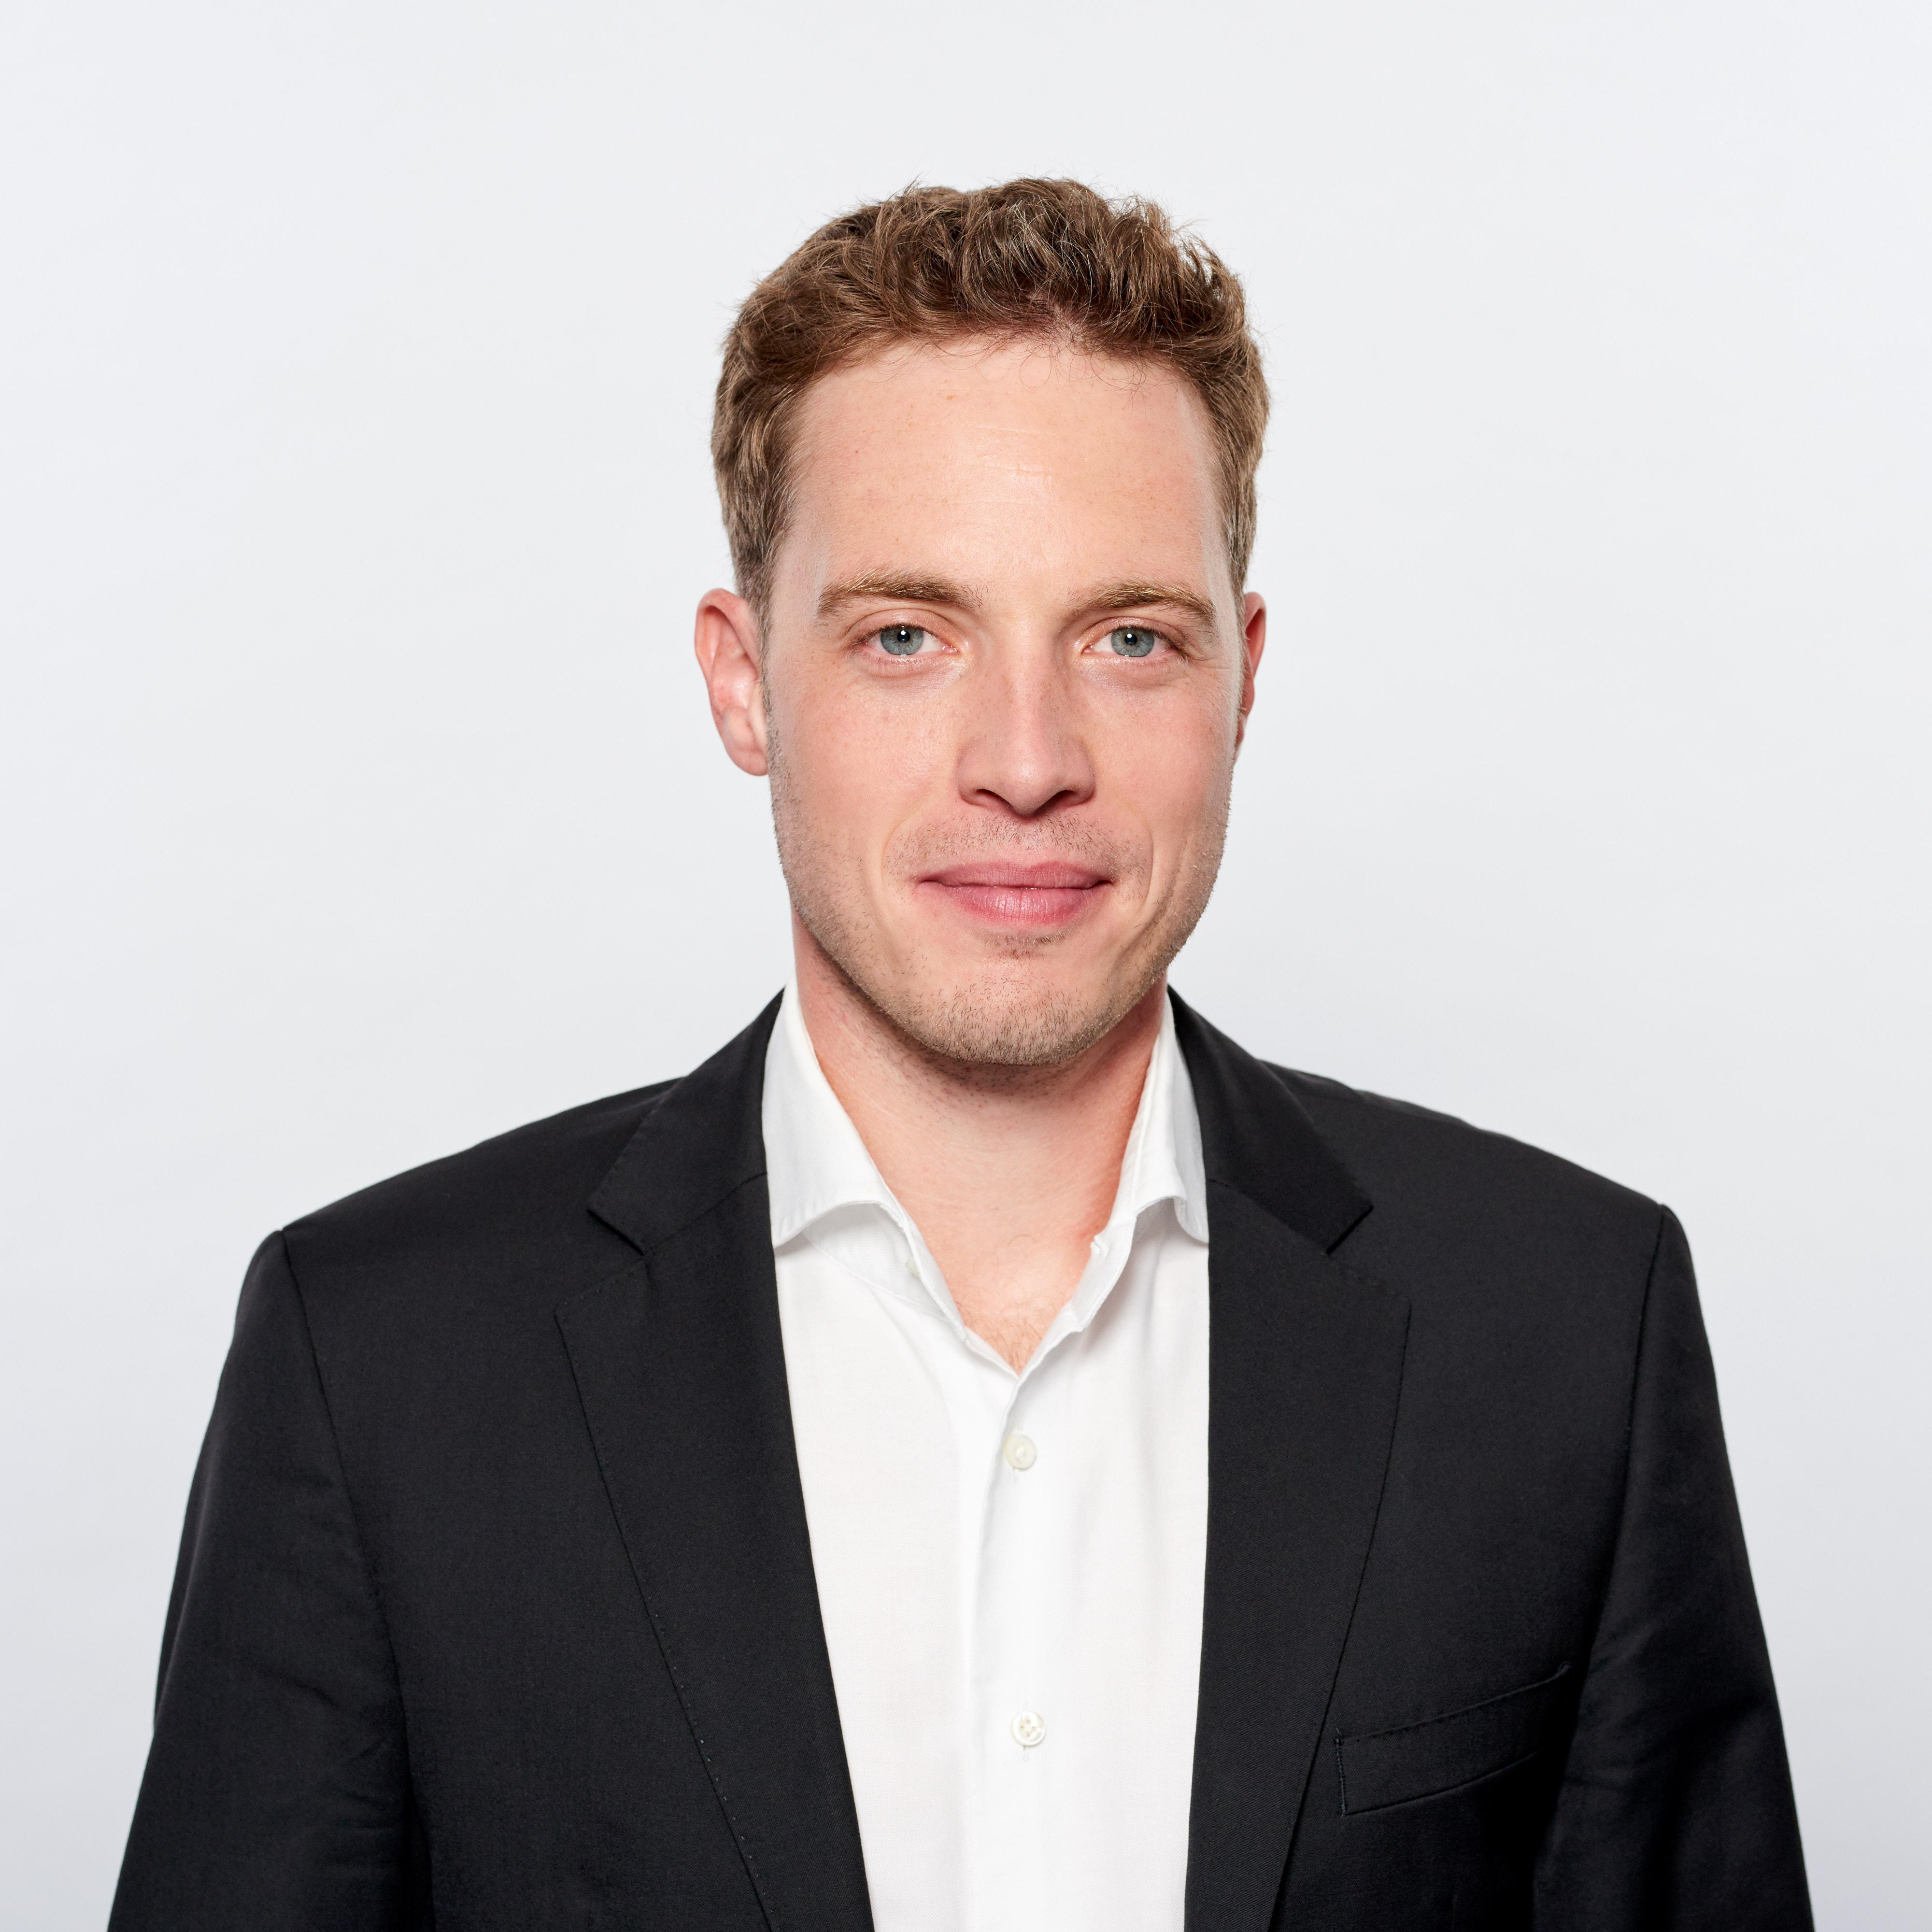 Michael Franzkowiak, CEO of Contiamo